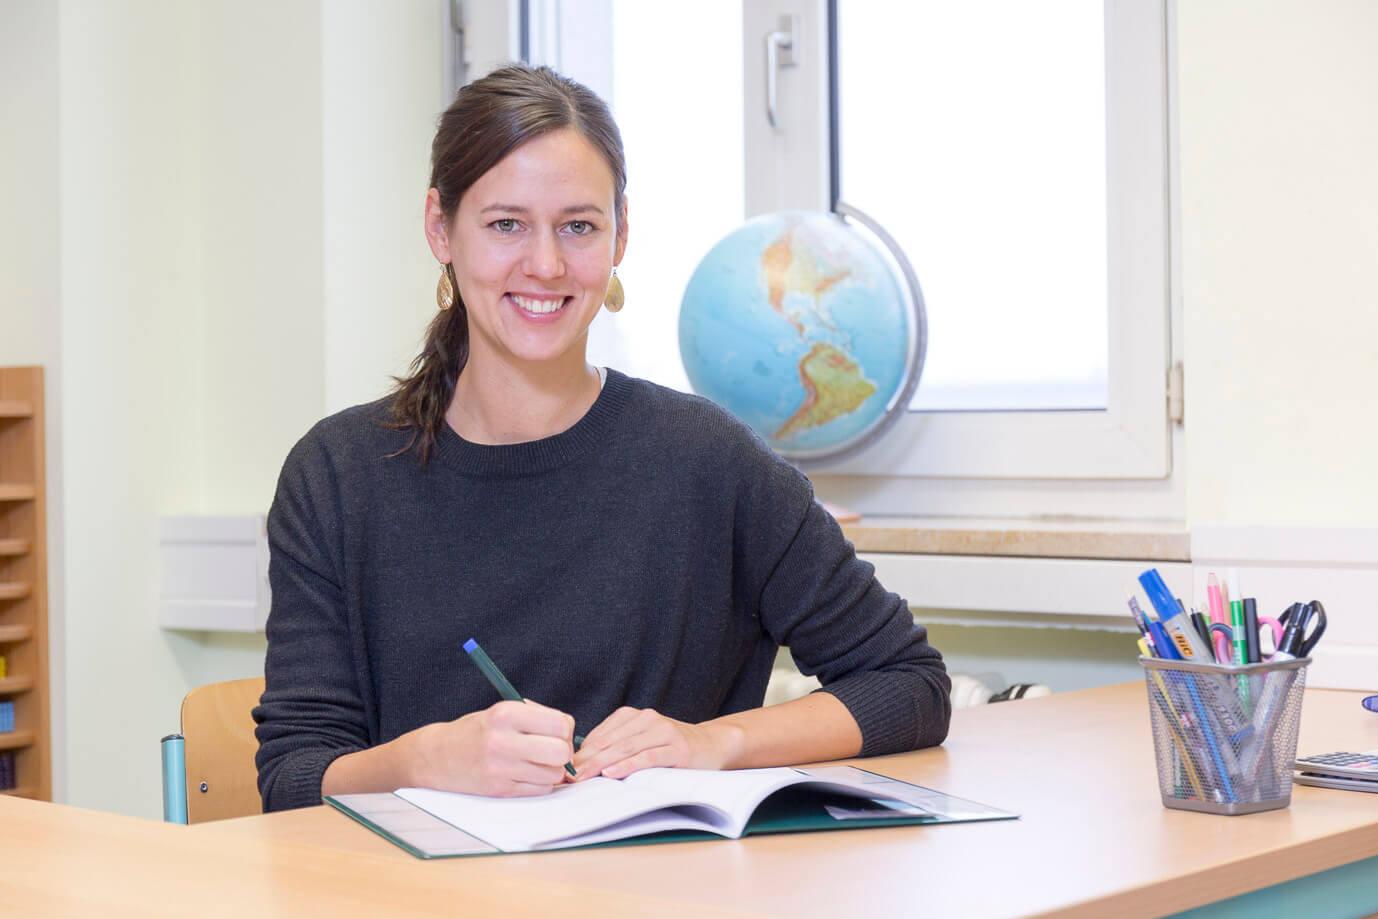 Lehrerin am Schreibtisch